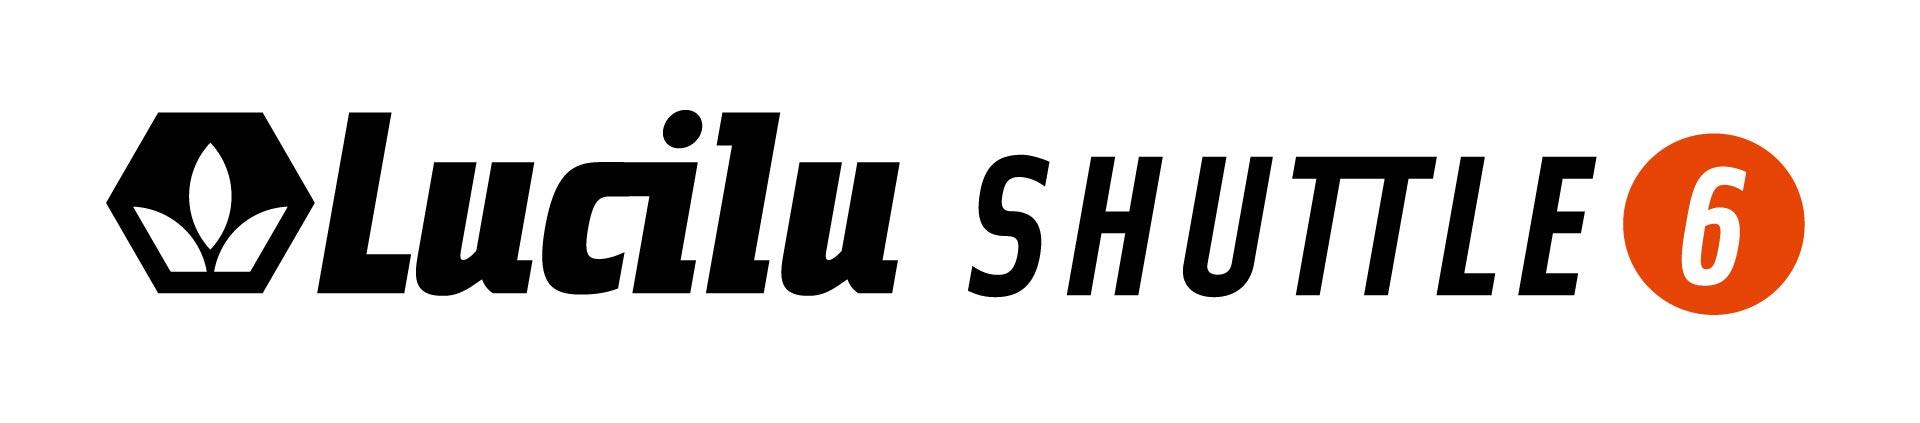 Logo_Lucilu_shuttle6_RGB